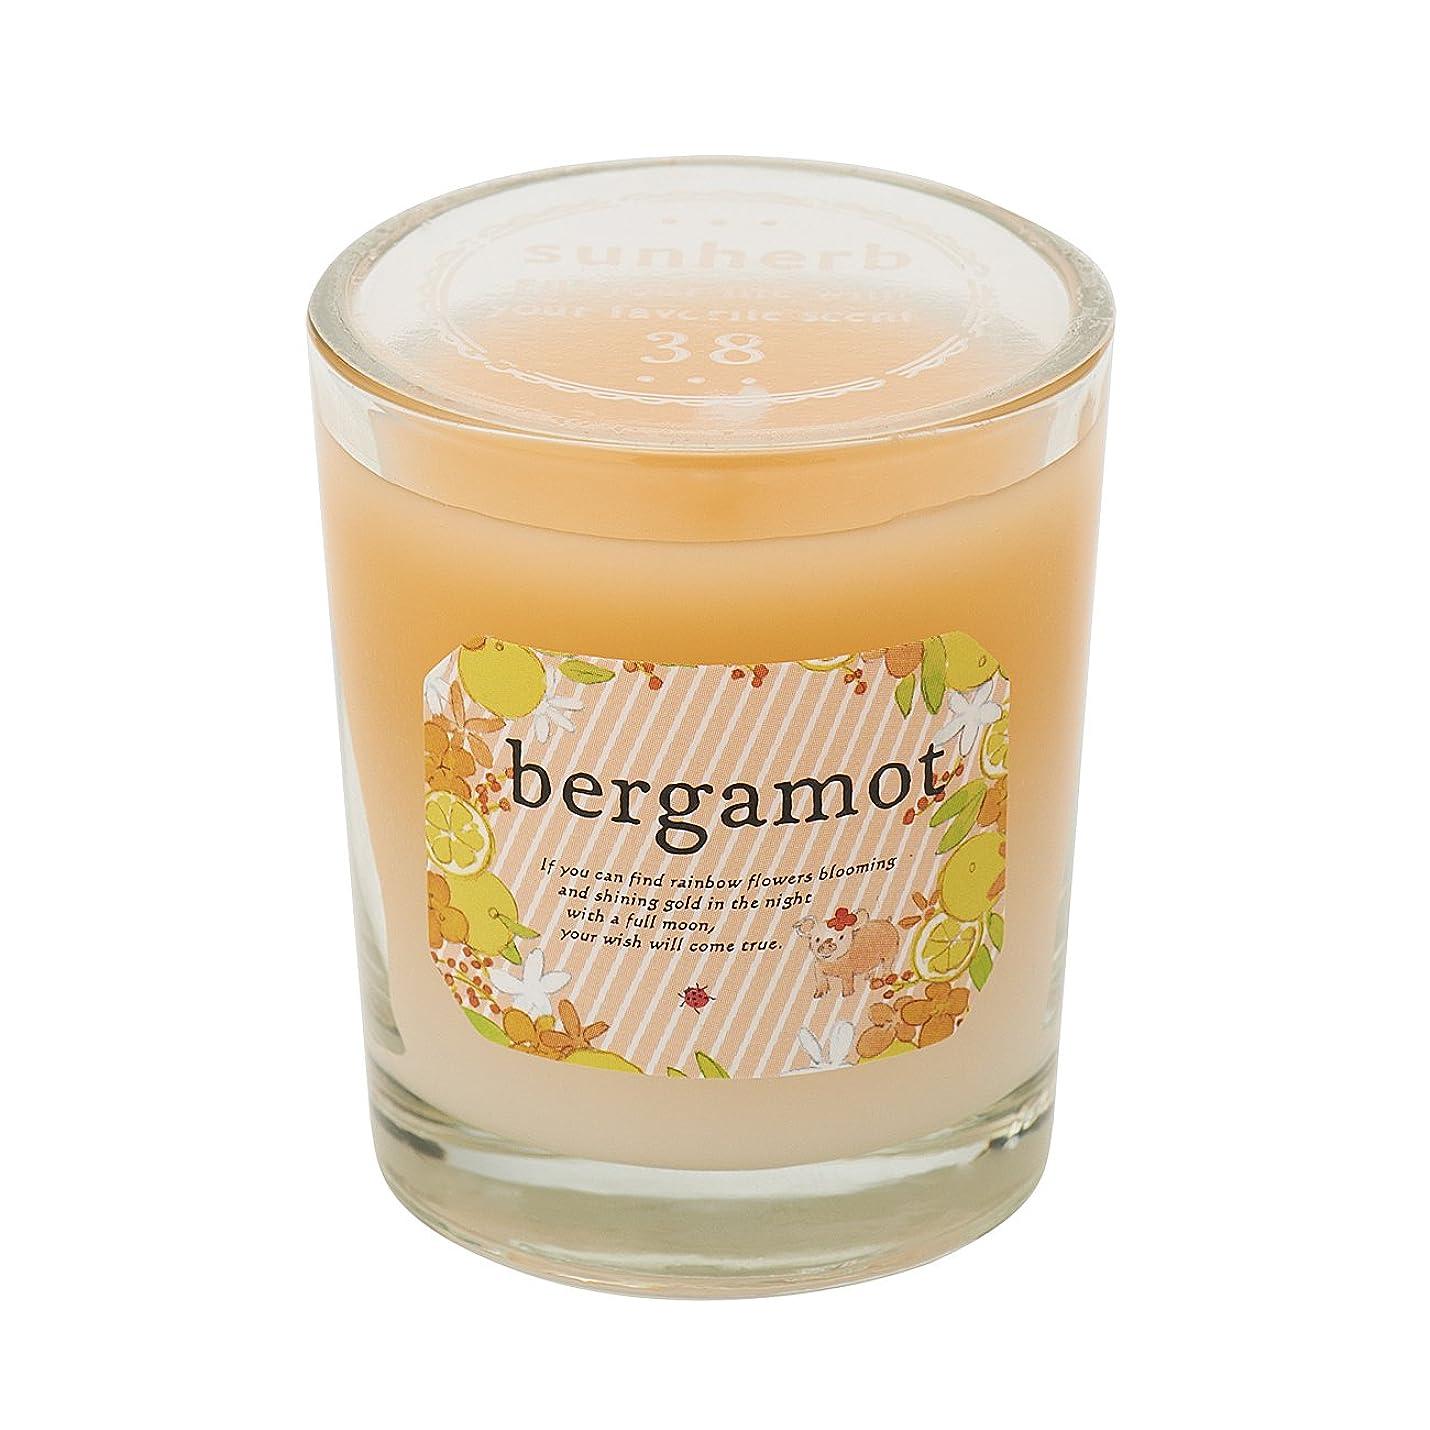 死の顎辛な聖なるサンハーブ グラスキャンドル ベルガモット 35g(グラデーションろうそく 燃焼時間約10時間 懐かしい甘酸っぱい香り)